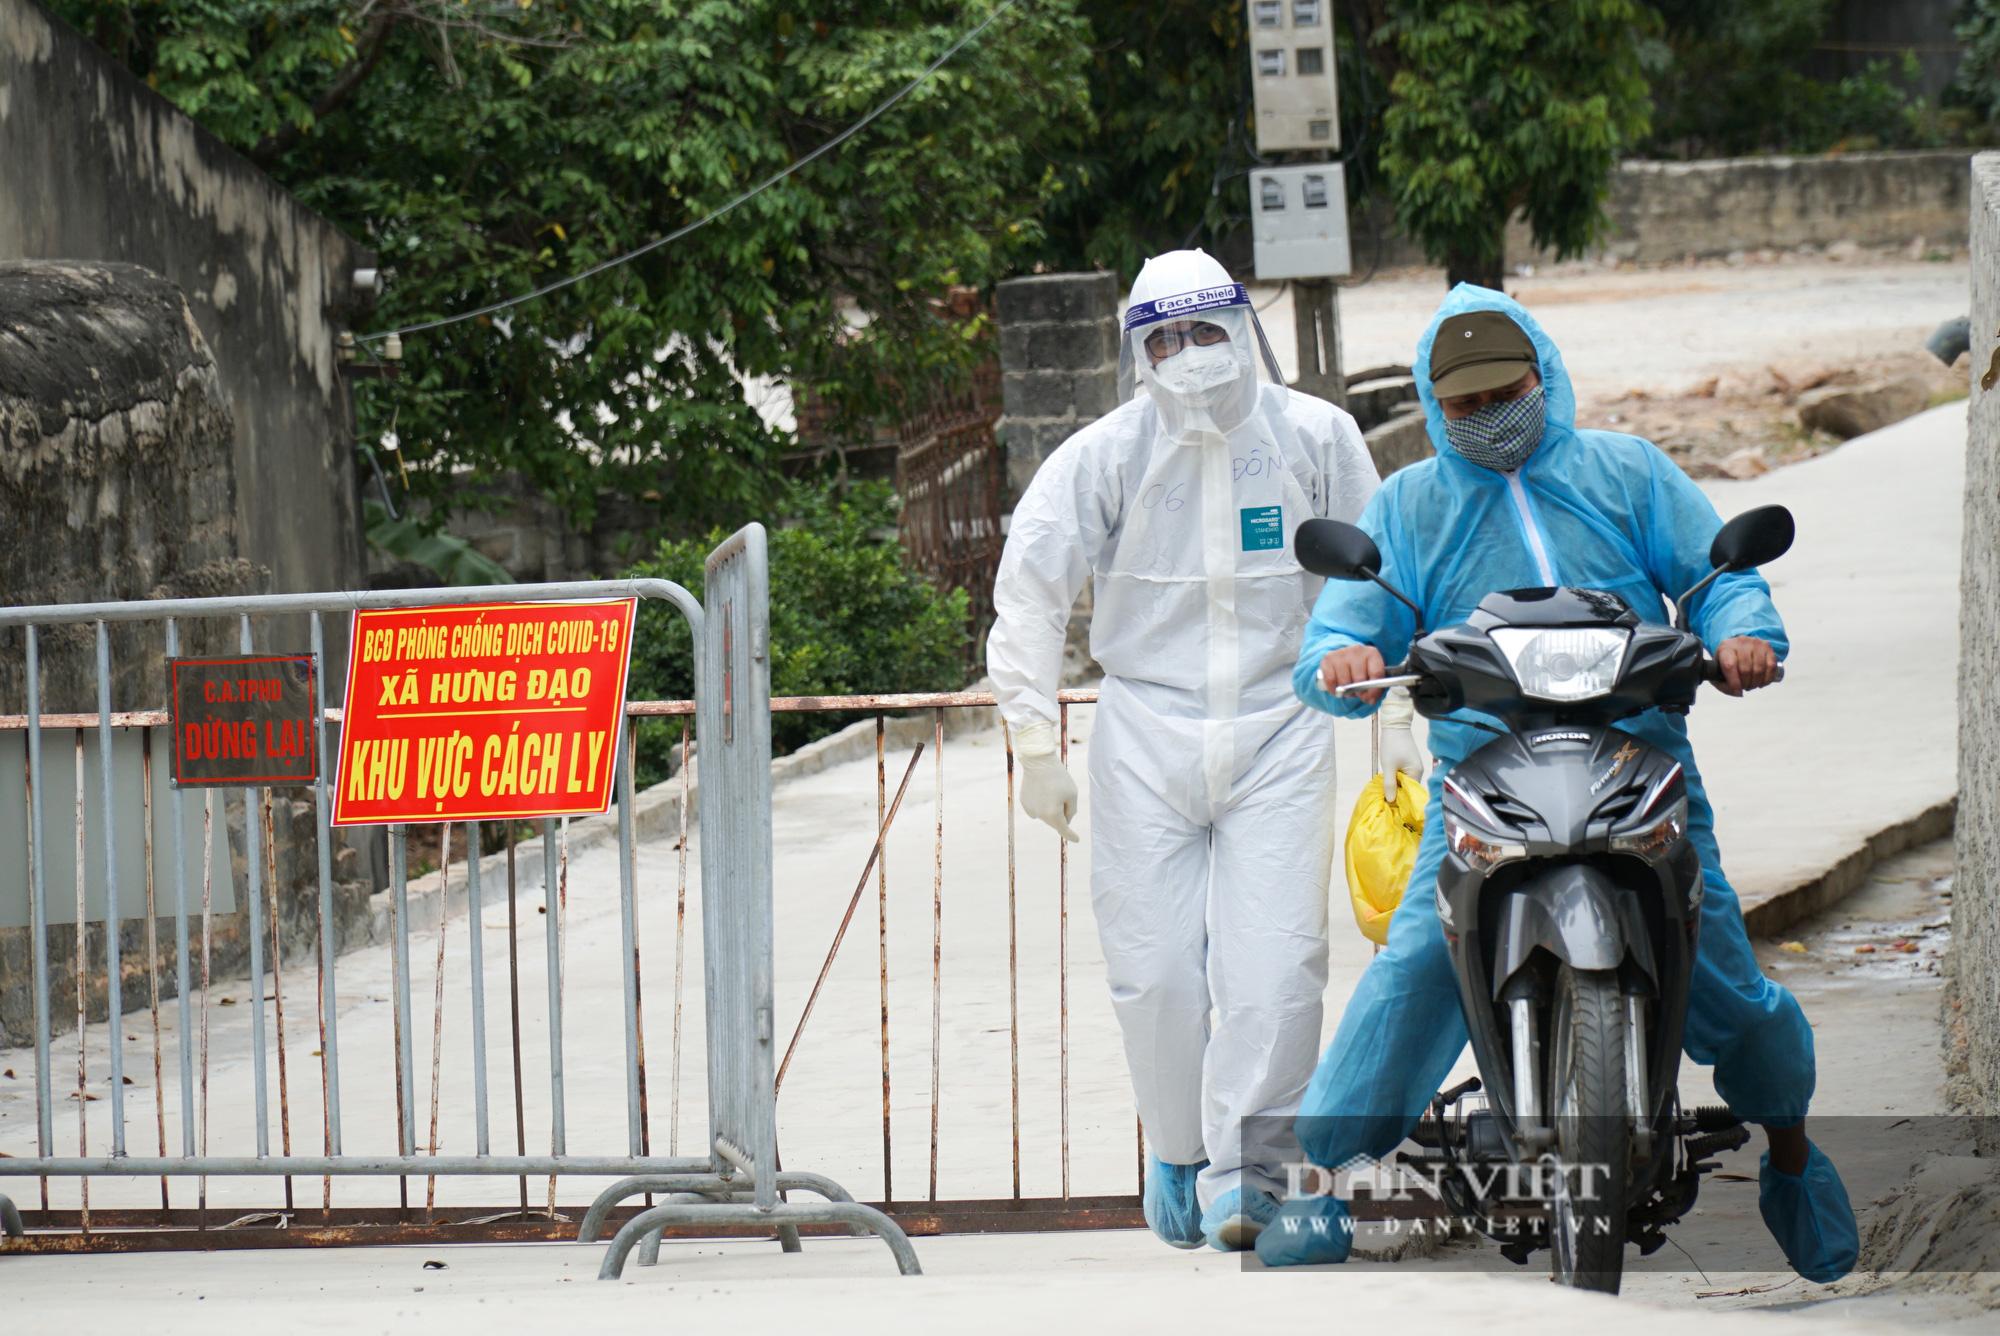 Sáng 30/1, Việt Nam có thêm 34 ca Covid-19 lây nhiễm trong cộng đồng - Ảnh 1.